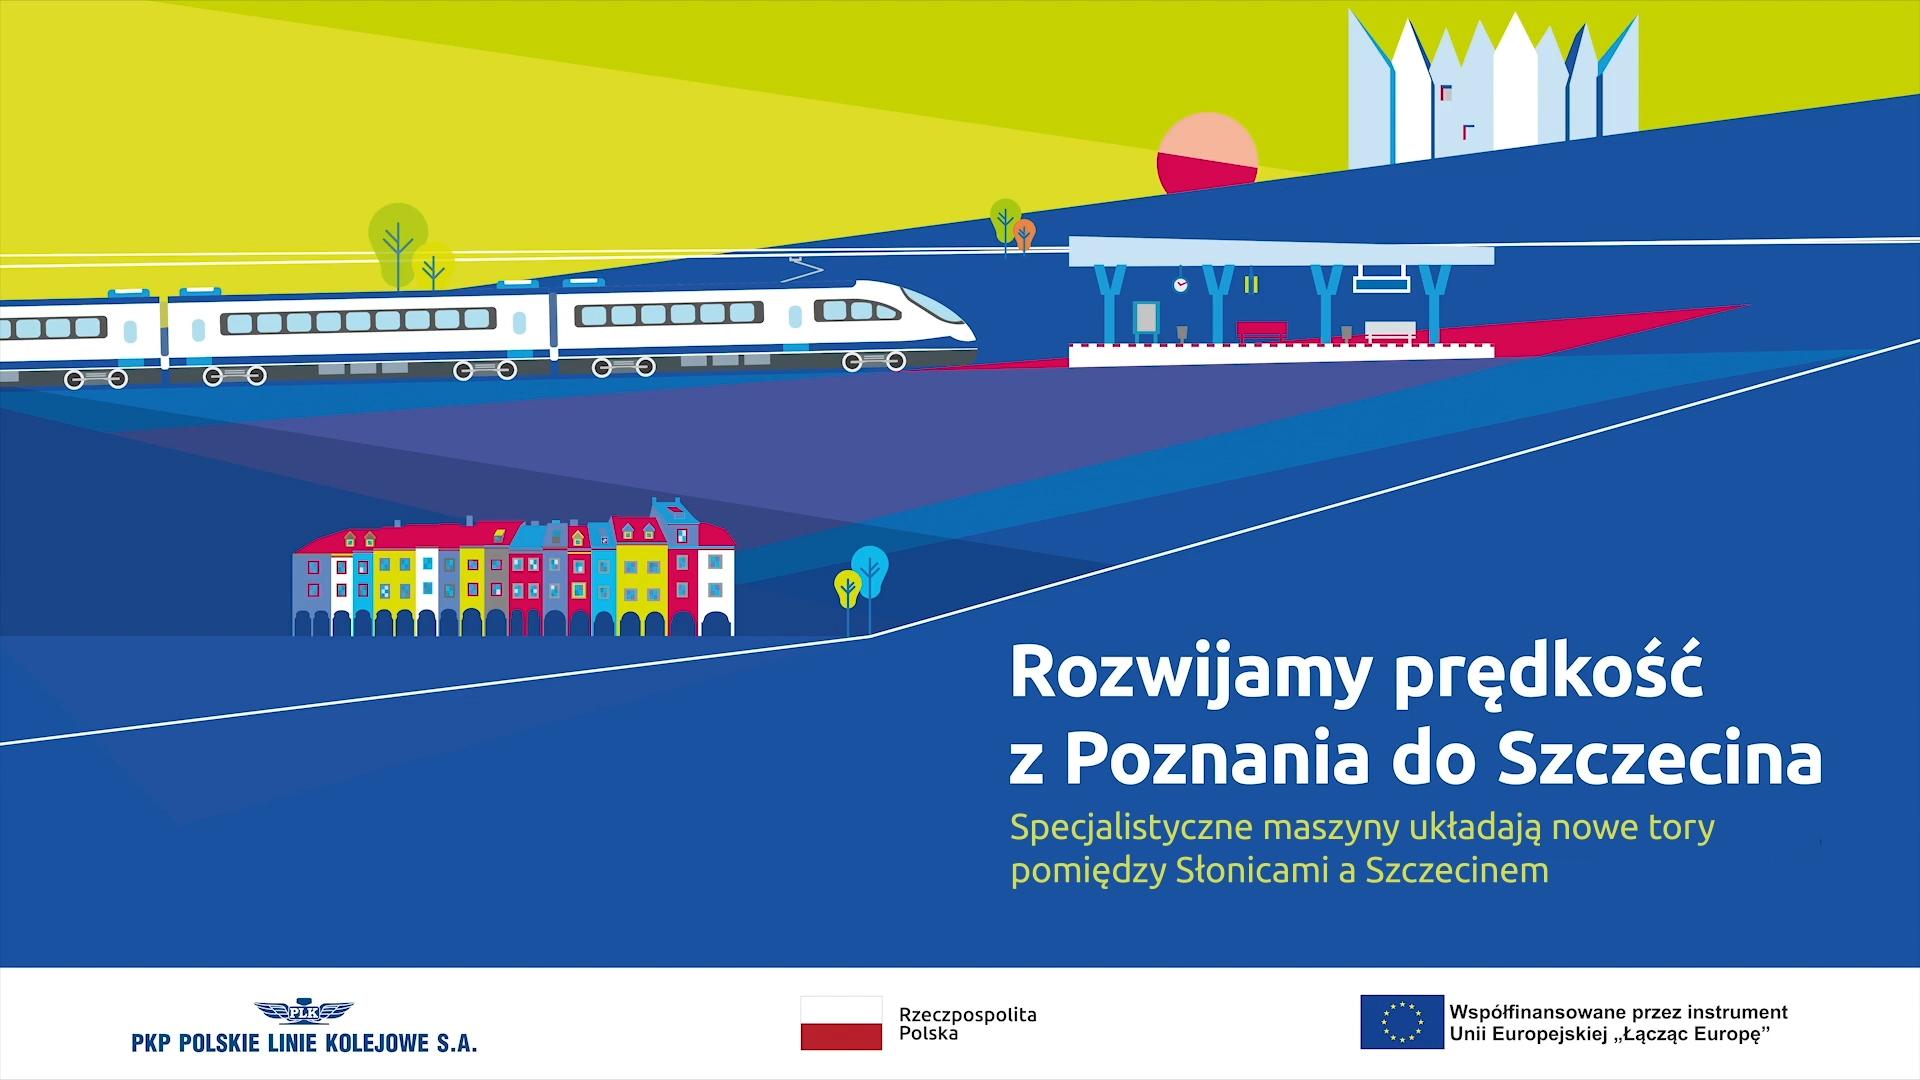 Zdjęcie przedstawia graficzną planszę na początku filmu, na której widać jadący pociąg w stronę stacji oraz kolorowe kamienice wraz z tytułem. Film pokazuje specjalistyczne maszyny, które układają nowe tory na odcinku Szczecin-Słonice.